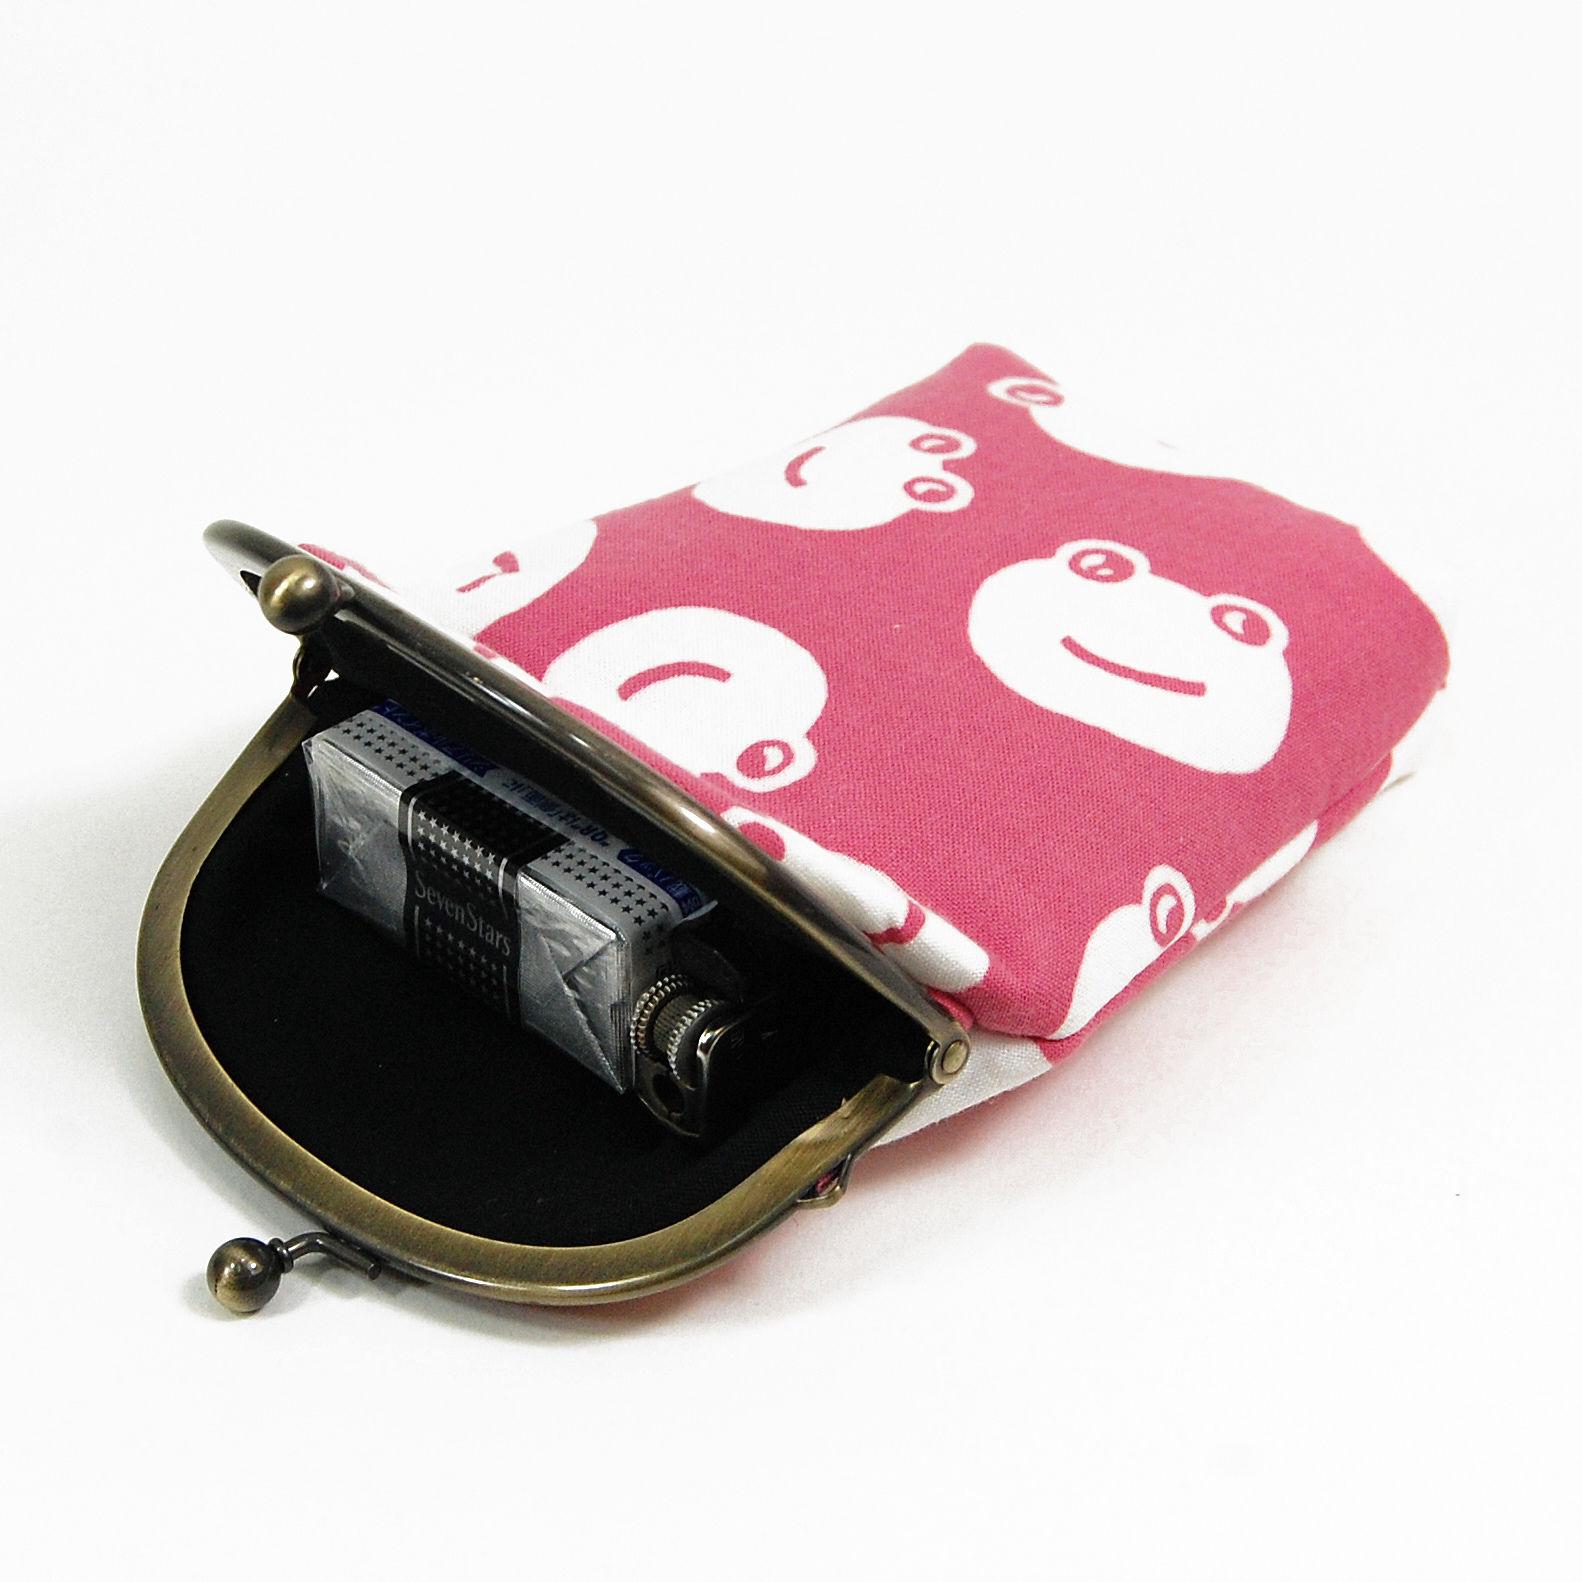 がま口式小物入れ かえる(ピンク) 3.3寸丸型(小銭入れ・財布)たばこ入れ シガレットケース  代金引換支払い不可 レターパックお届け